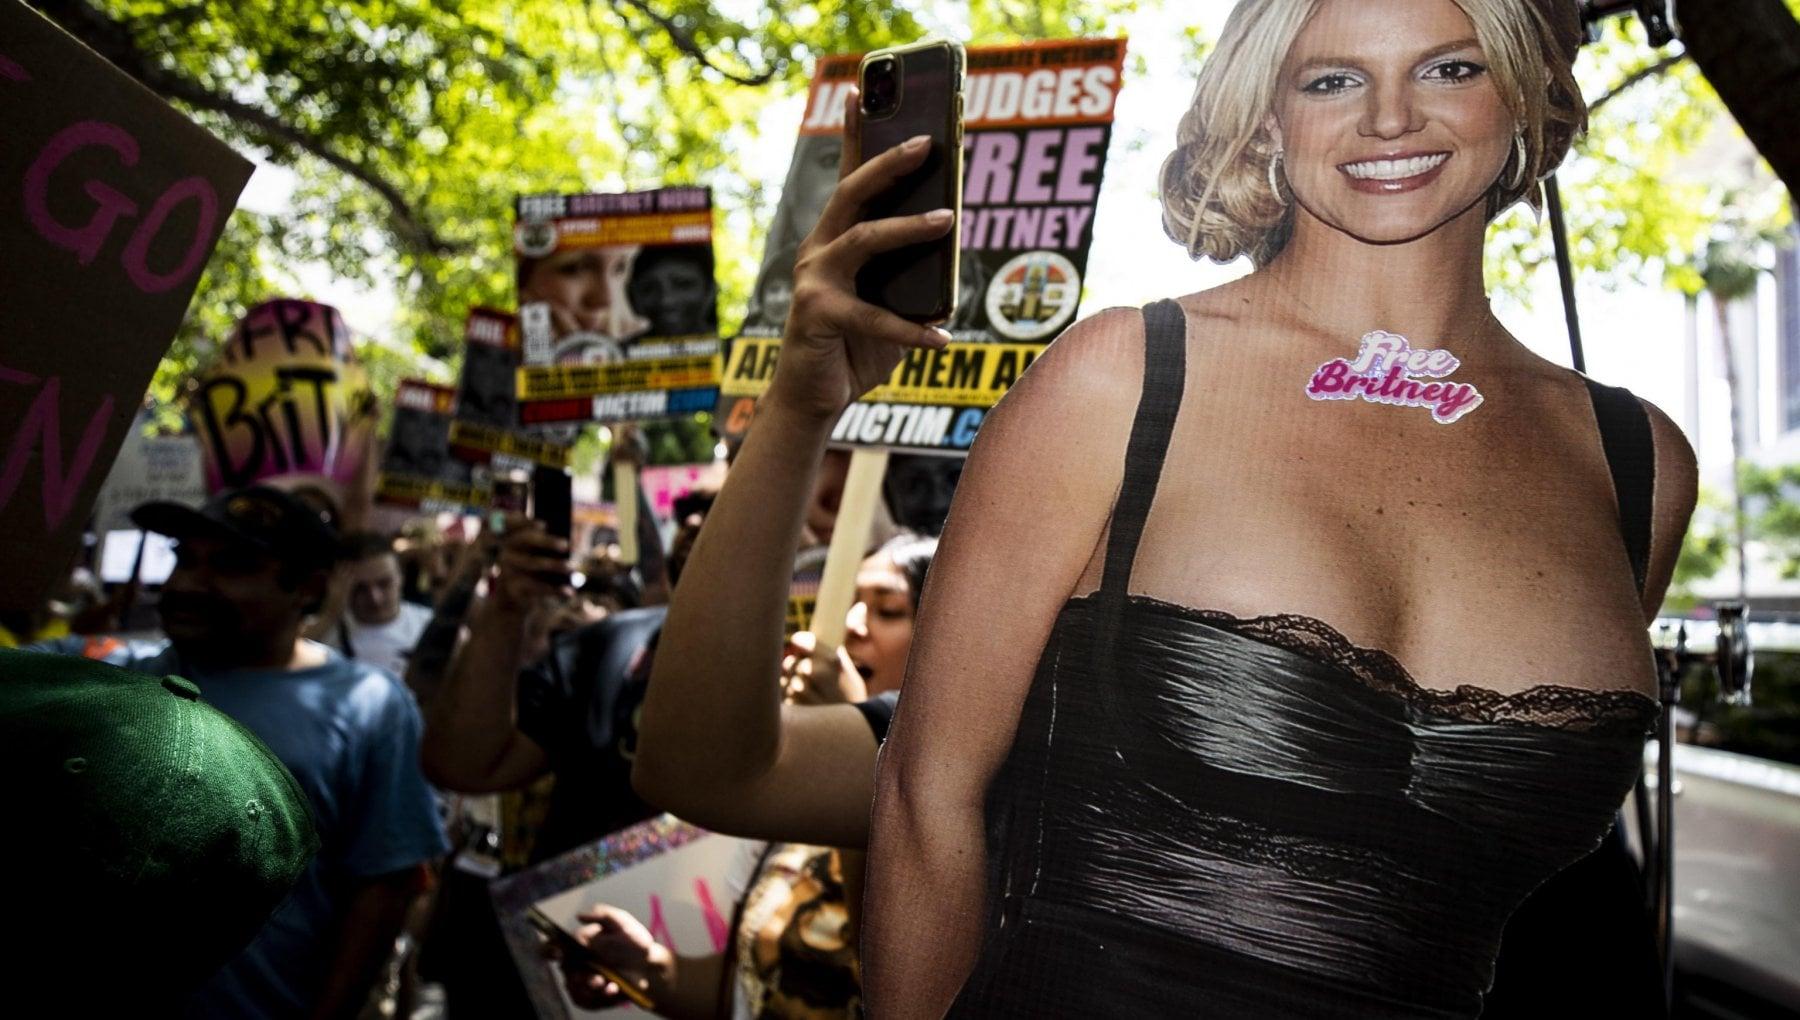 """015808382 5864a5b4 4e99 44c9 a777 e63f6b52ff2d - Los Angeles, Britney Spears torna a parlare: """"Voglio che mio padre venga incriminato"""""""